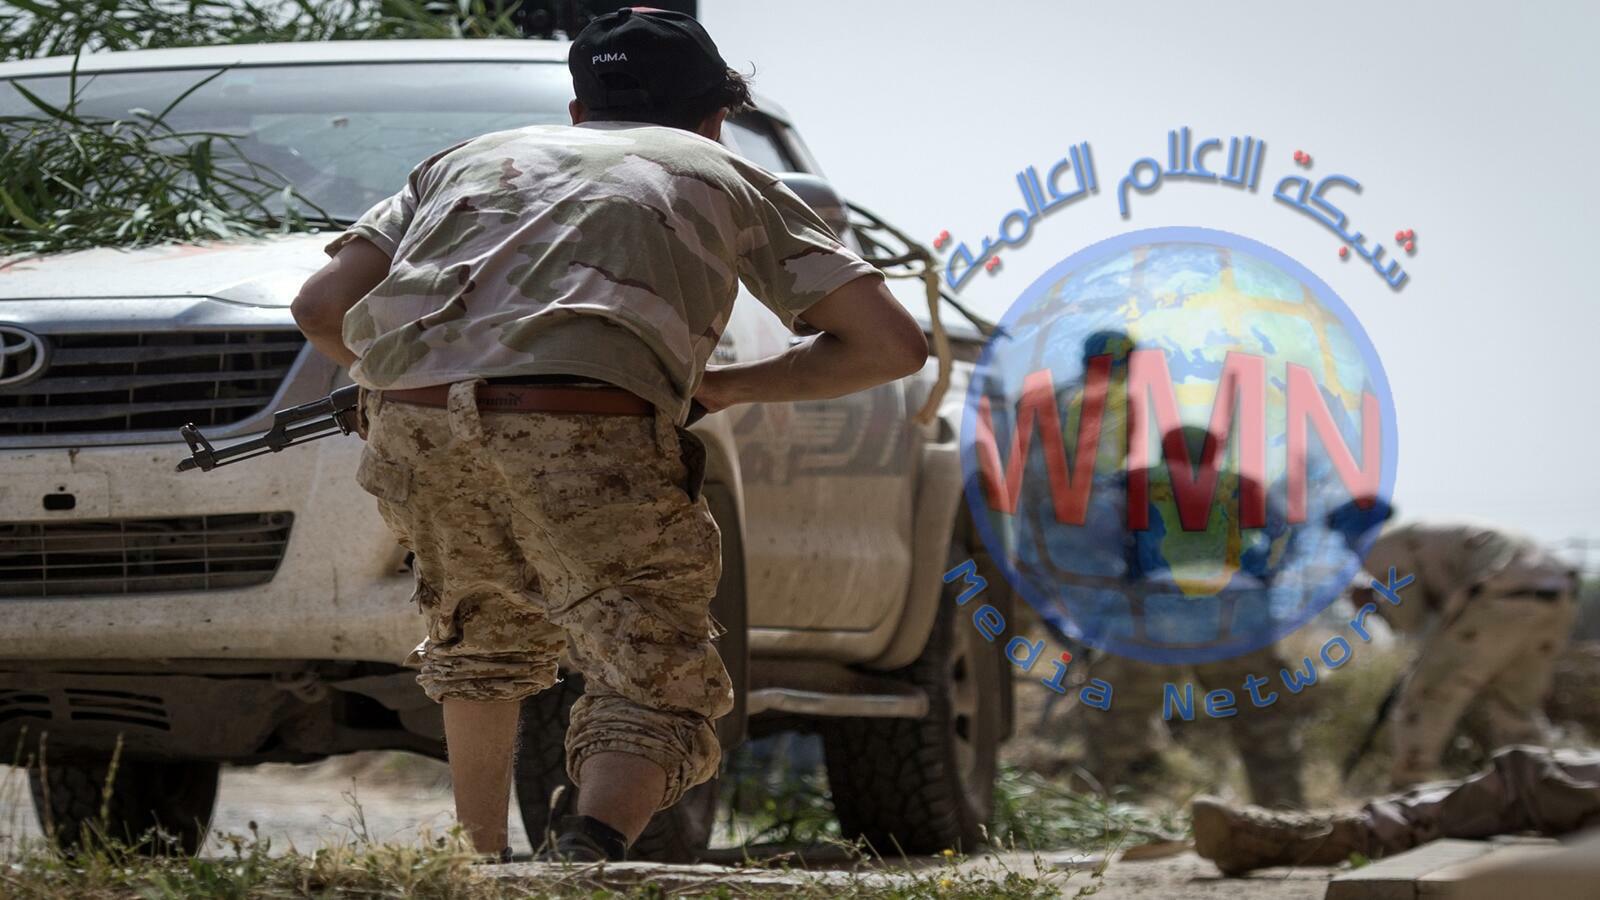 الأمم المتحدة: لا يوجد منشآت عسكرية في مطار تواصل قوات حفتر قصفه